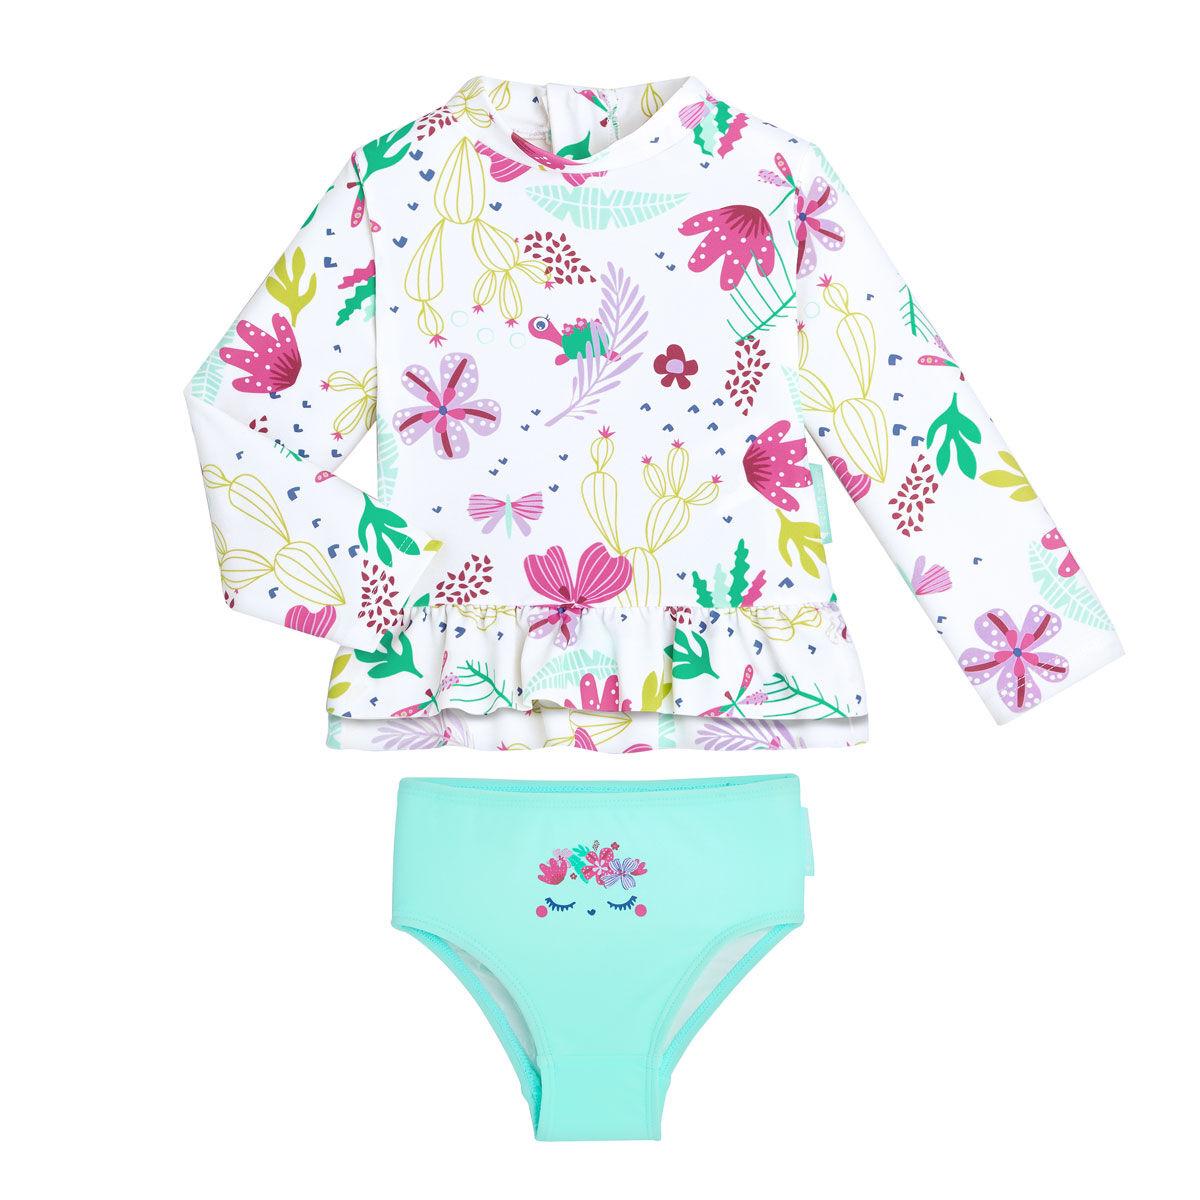 Petit Béguin Maillot de bain ANTI-UV fille 2 pièces t-shirt & culotte Tropic Coco - Taille - 4 ans